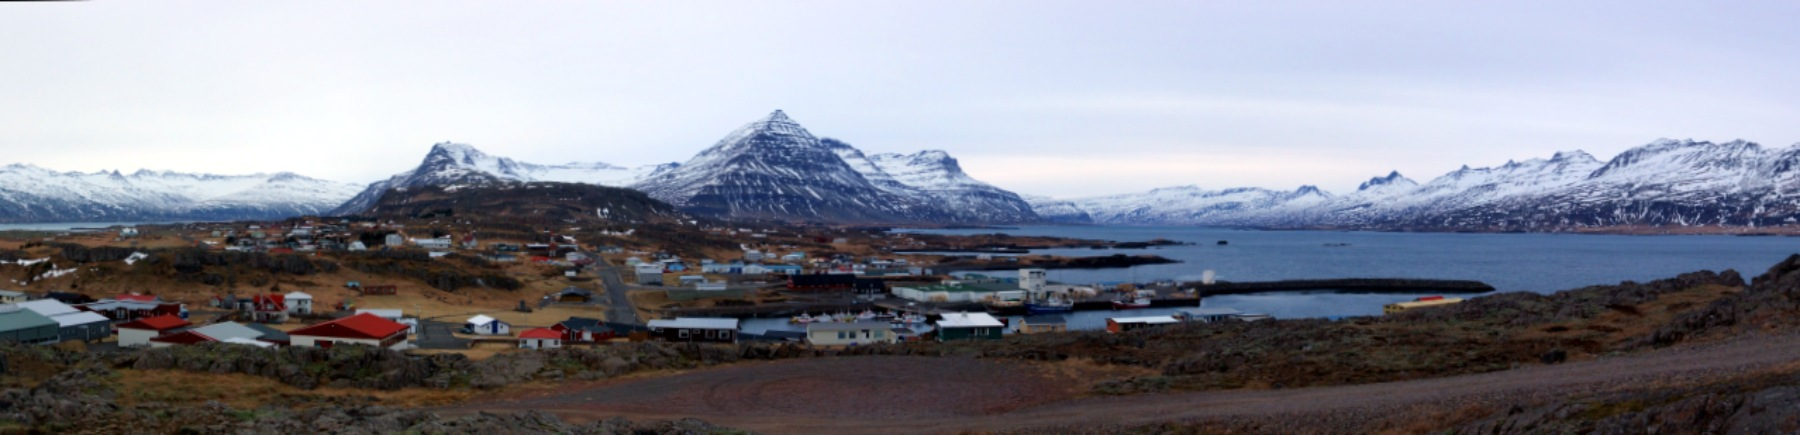 Djupivogur mit pyramidalem Berg im Hintergrund.